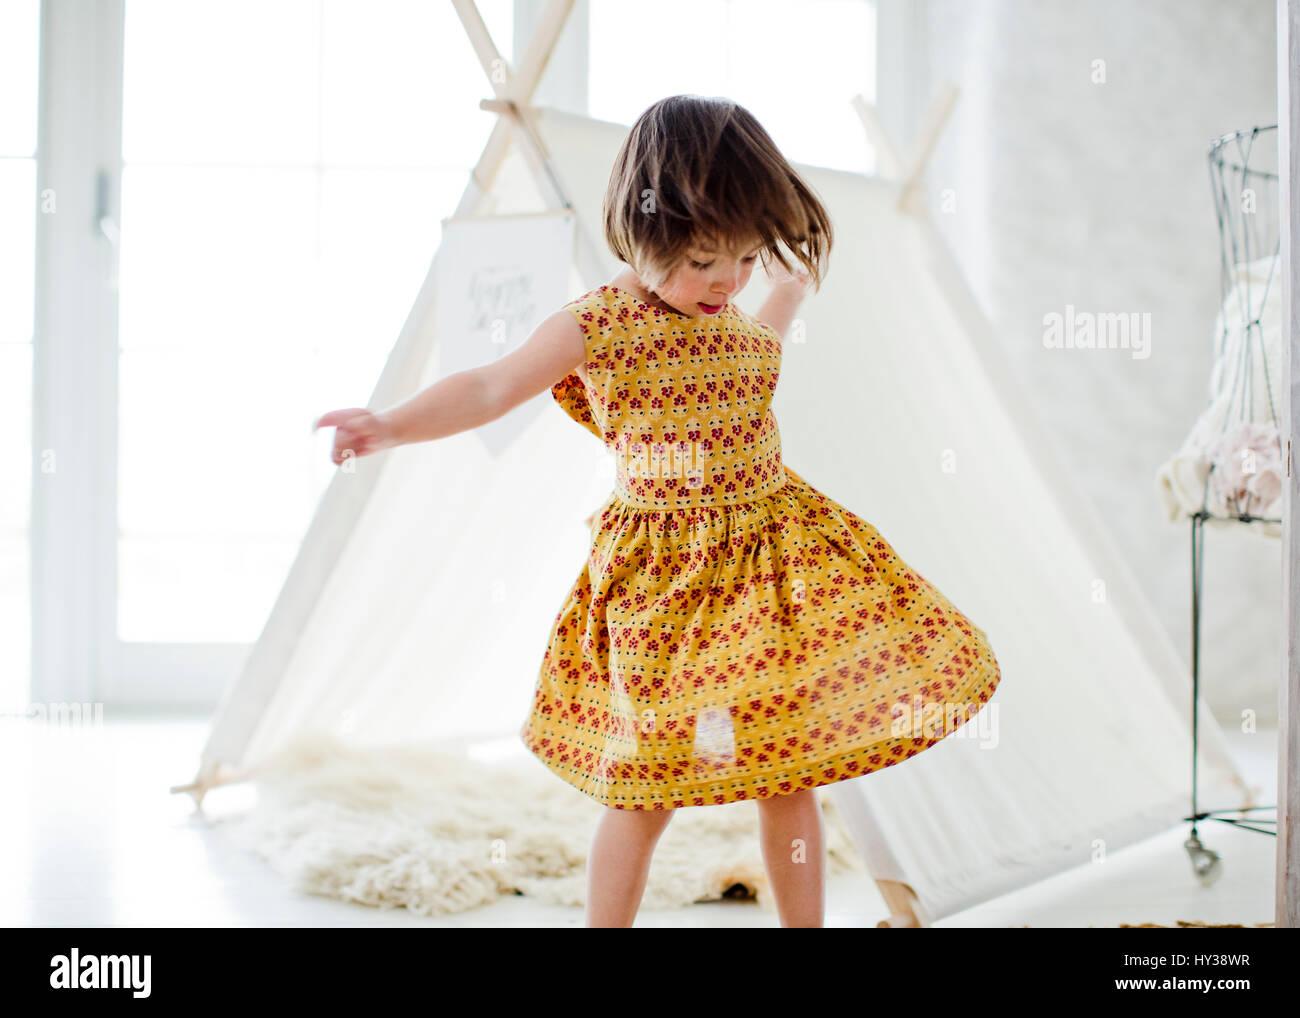 Schweden, Mädchen (4-5) tanzen neben Zelt zu Hause Stockbild